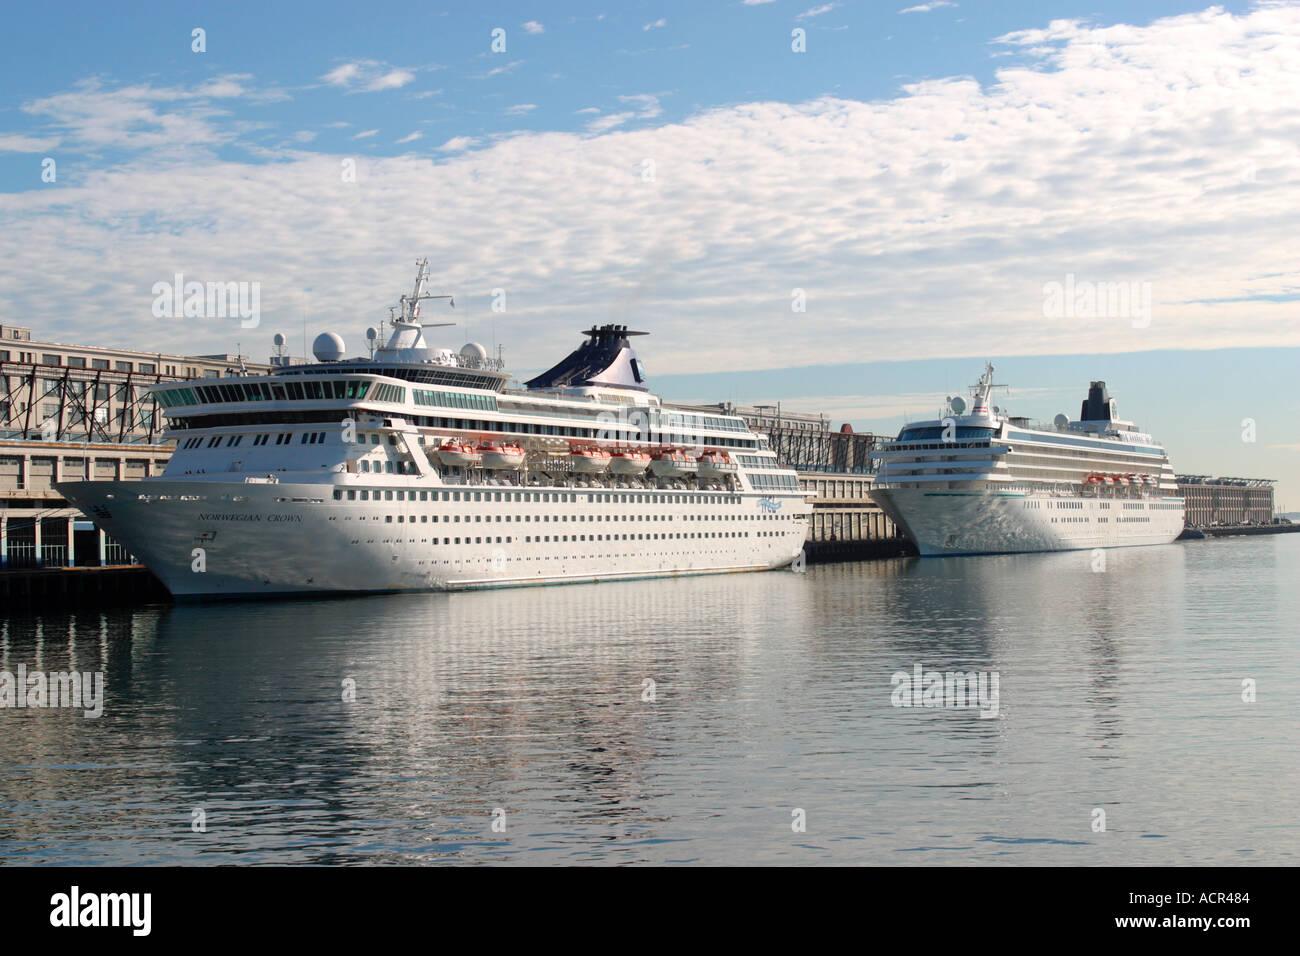 Cruise Ships Dock Boston Harbor Stock Photo Royalty Free Image - Cruise ships out of boston